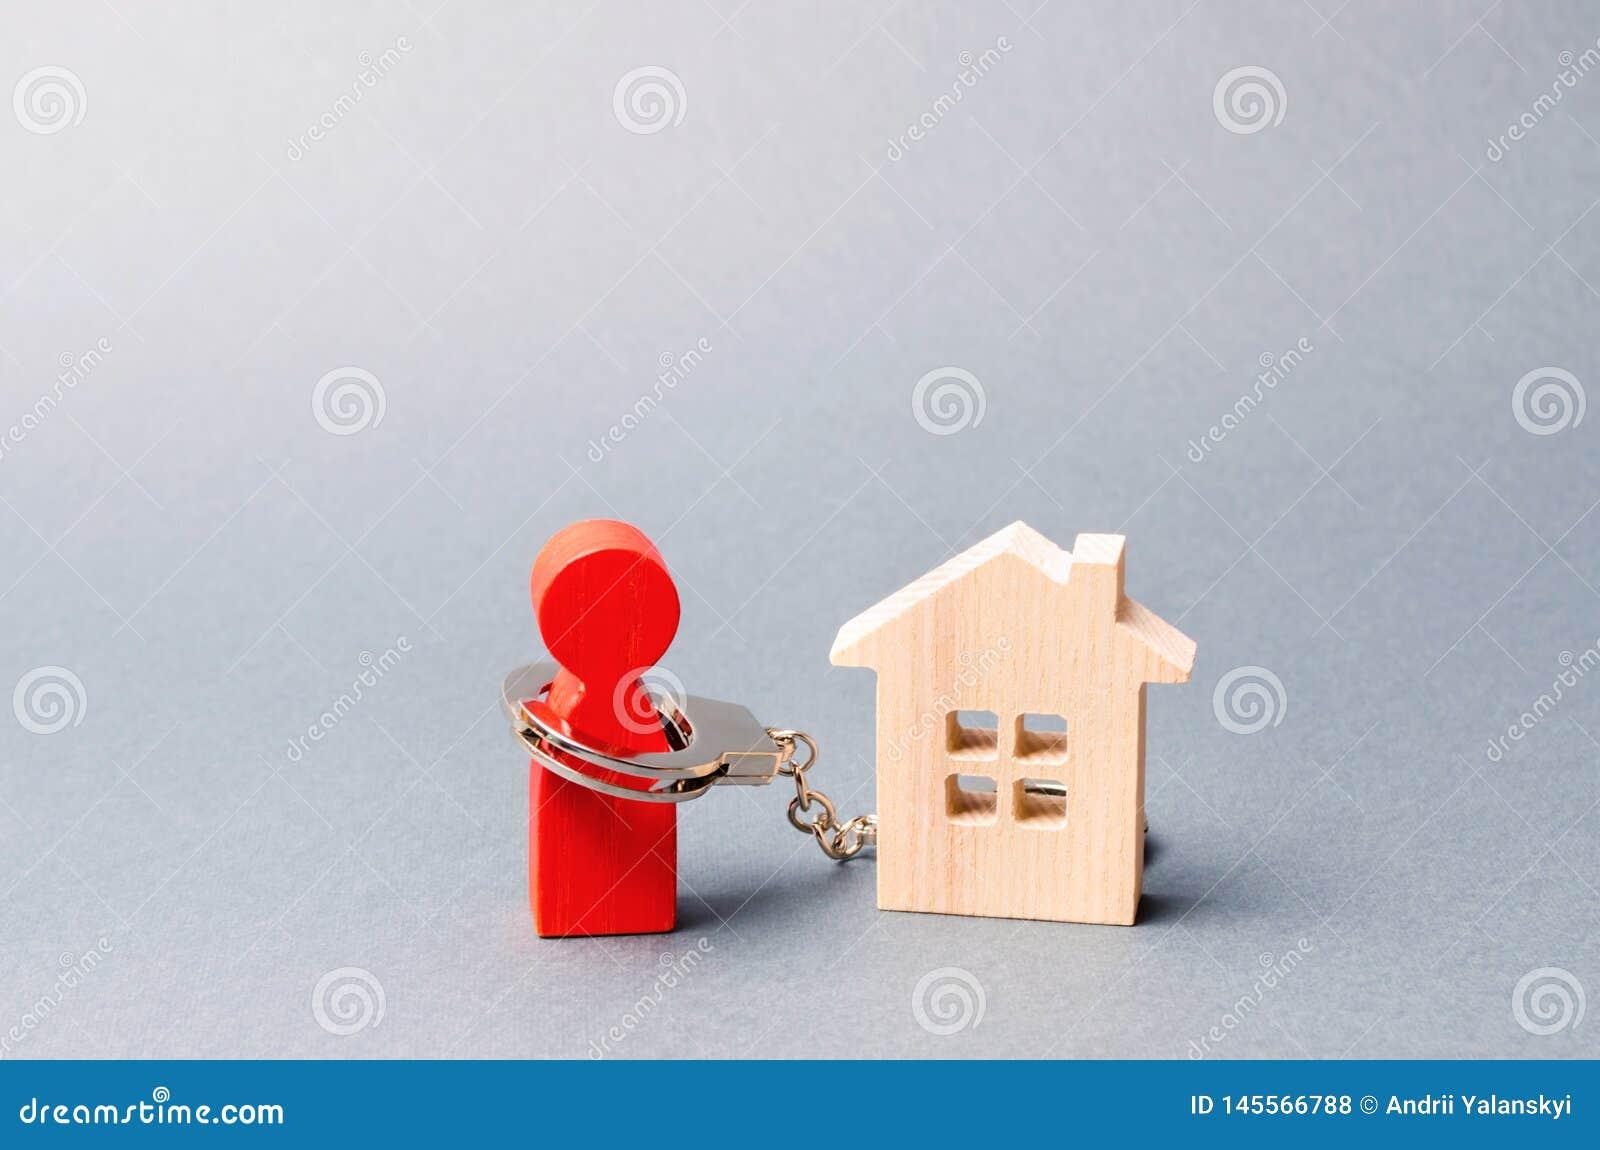 Ο αριθμός ενός ατόμου δένεται με χειροπέδες σε ένα ξύλινο σπίτι Αδύνατο τα επιτόκια στις υποθήκες και την επιστροφή των δανείων